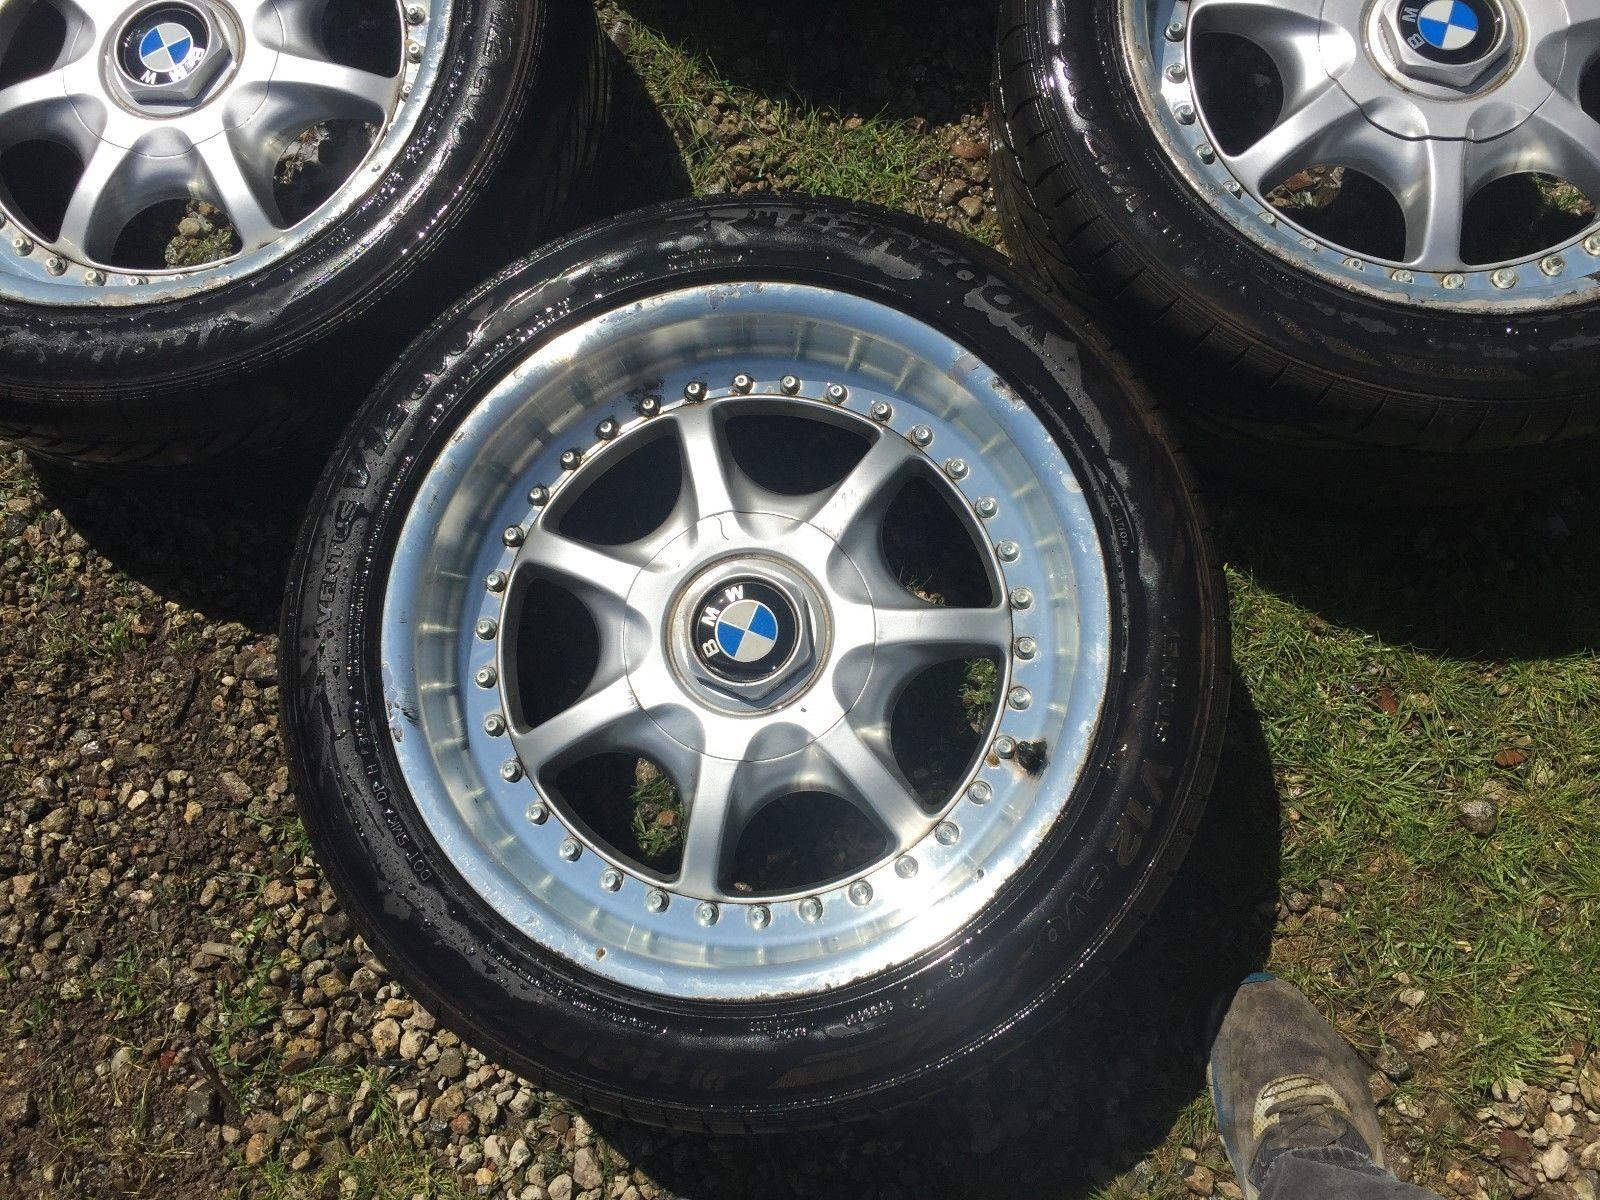 hight resolution of 1997 2003 bmw e39 sport wheels rims 540i 530i 525i 528i 535i bbs deep dish 17 ebay